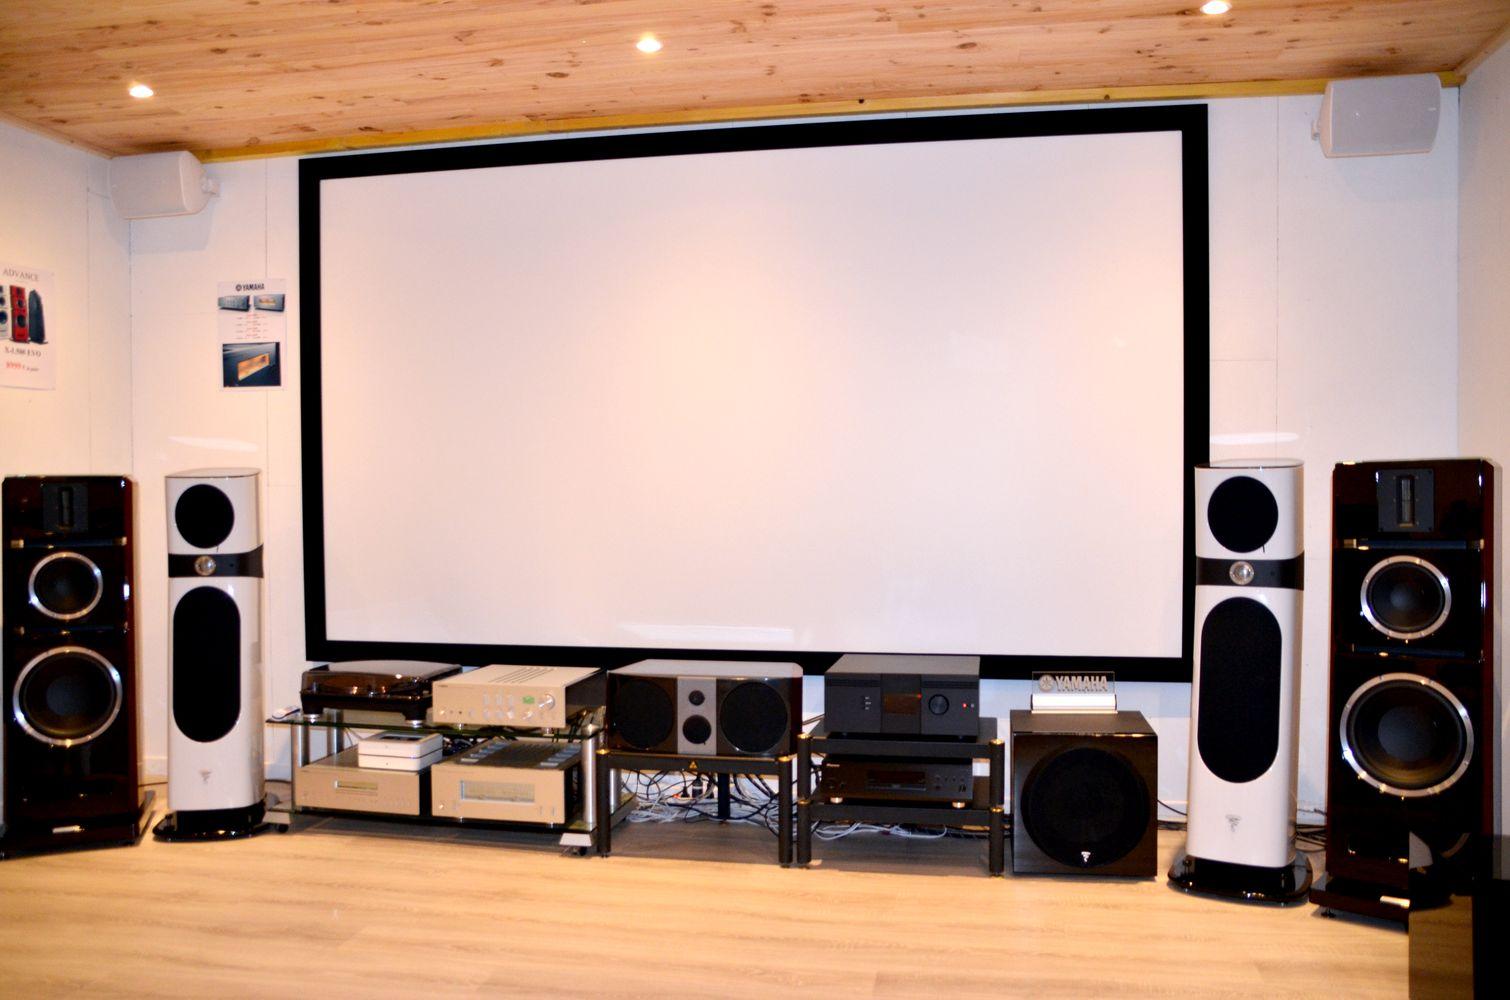 tous les produits hifi & home cinéma en démonstration dans notre magasin du Havre